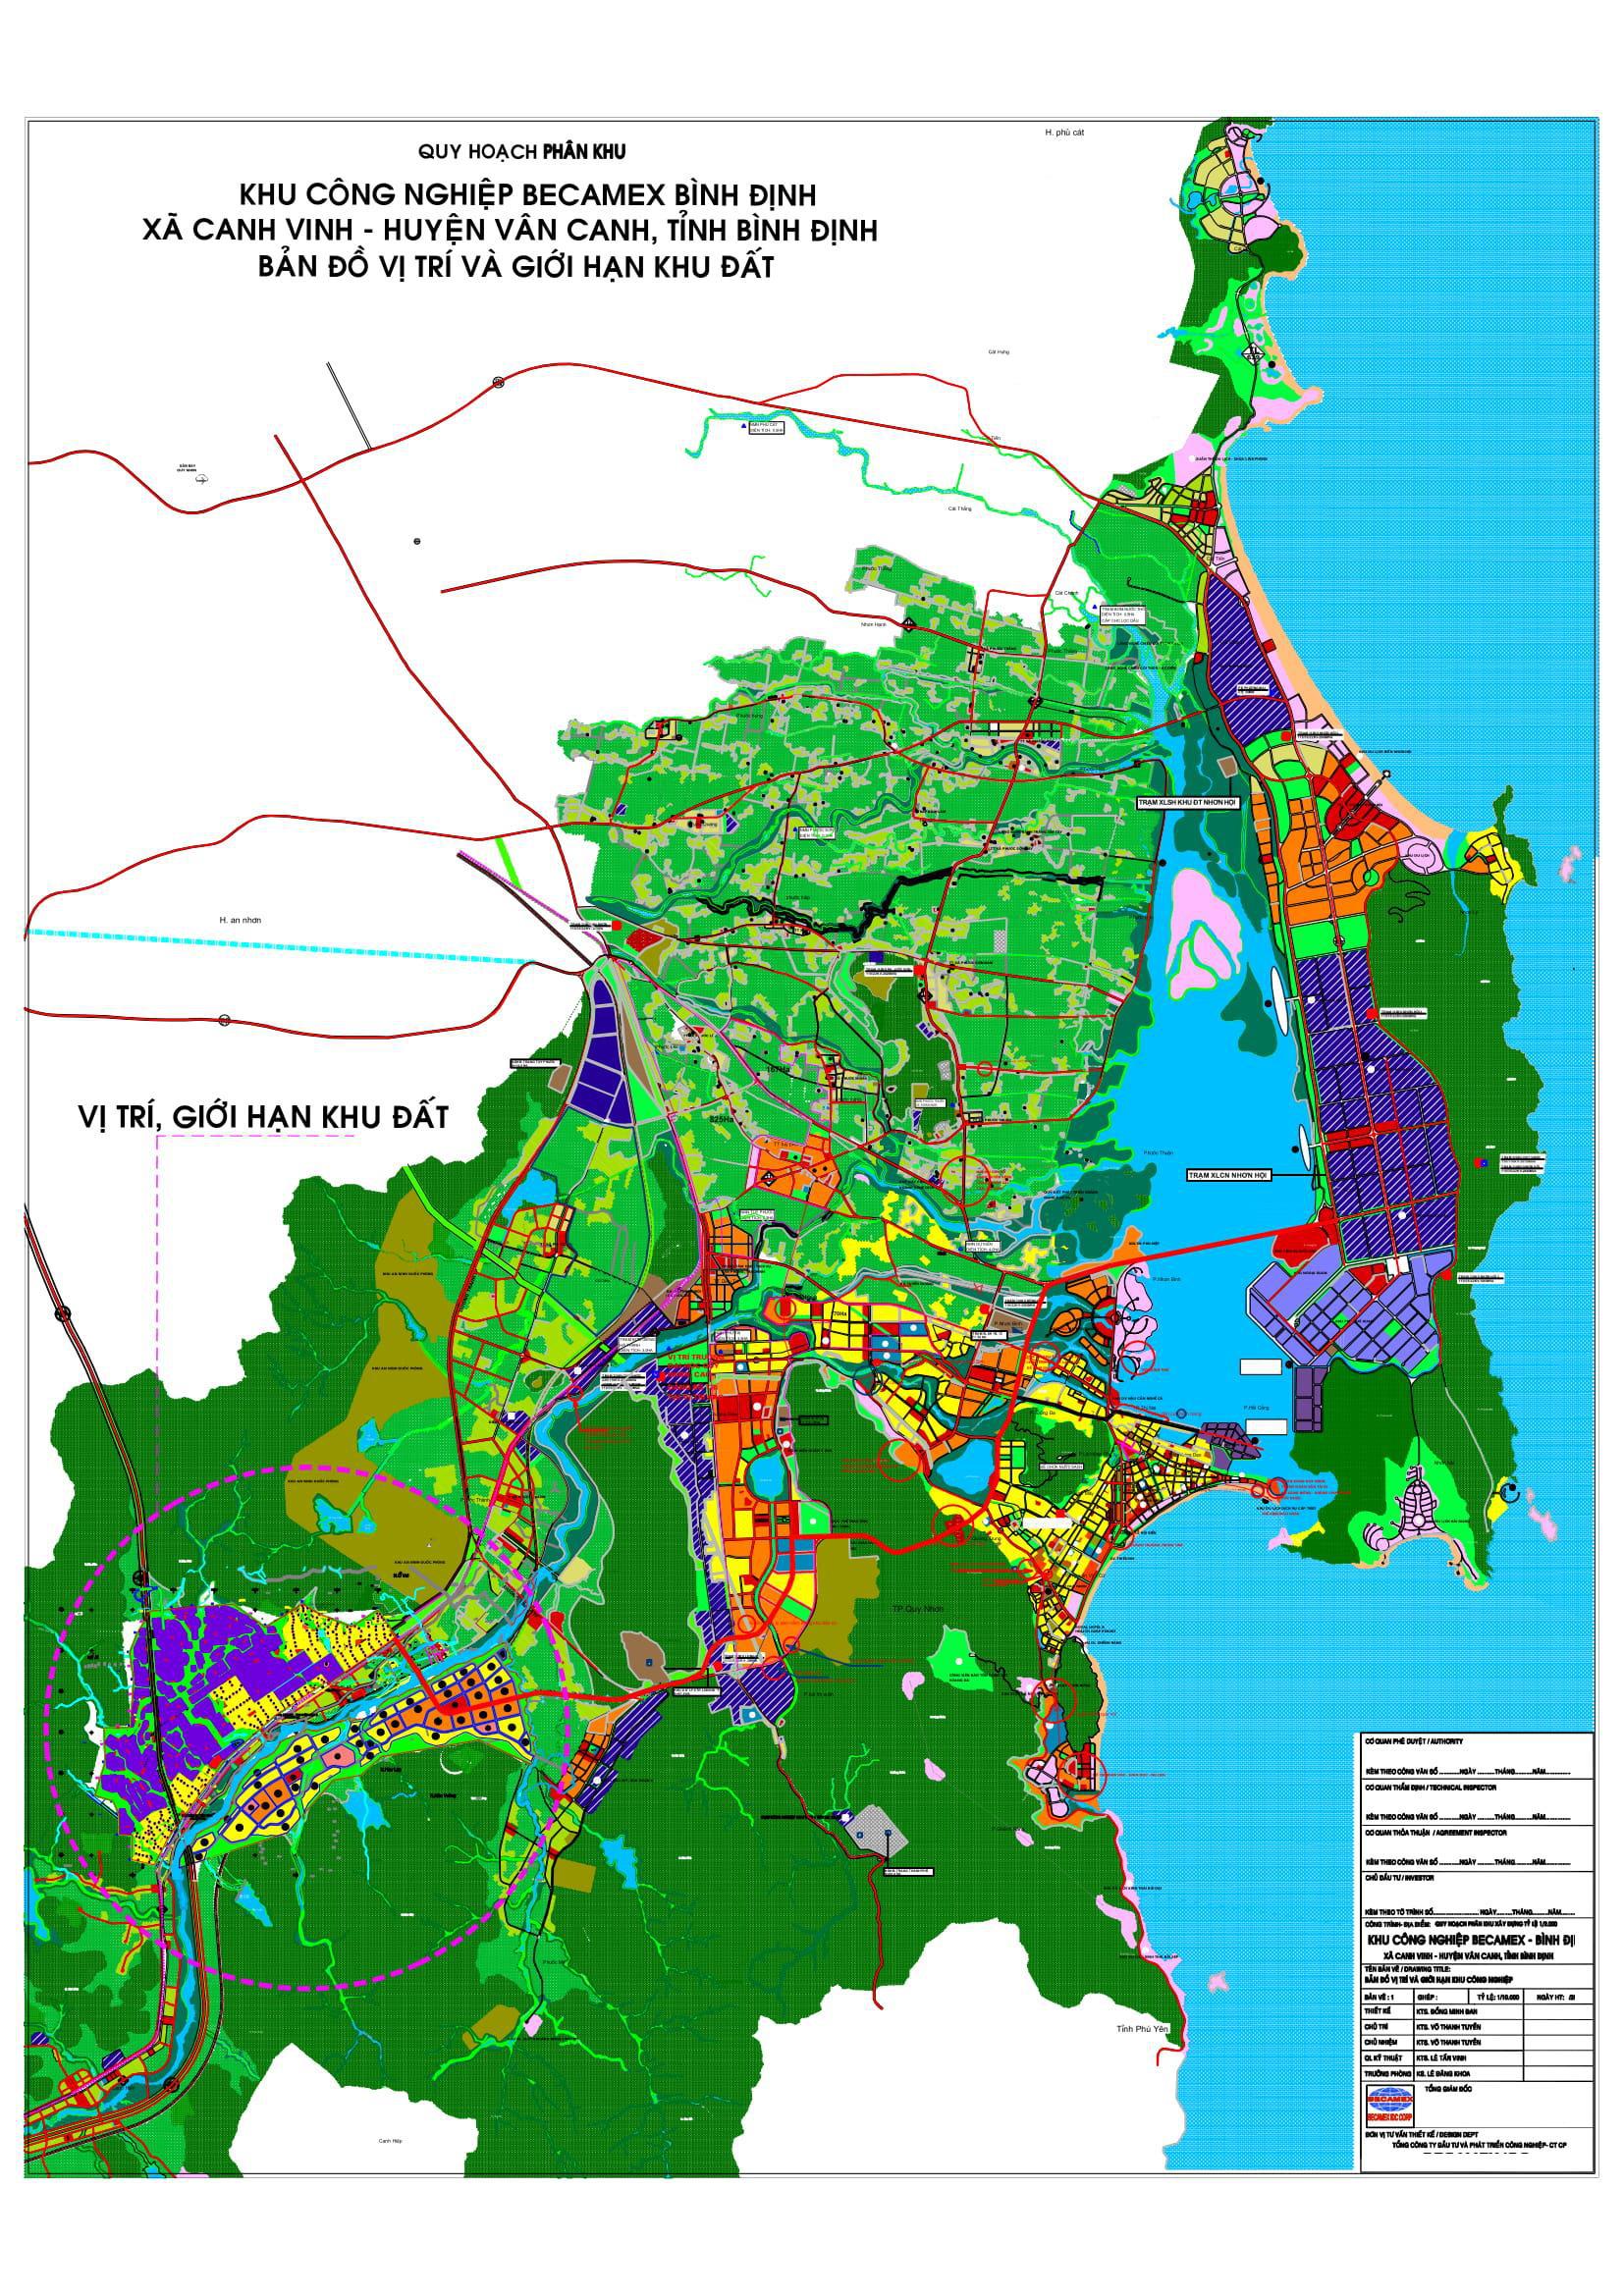 KCN hơn 1.000 ha của Becamex tại Bình Định đang thực hiện tới đâu? - Ảnh 1.